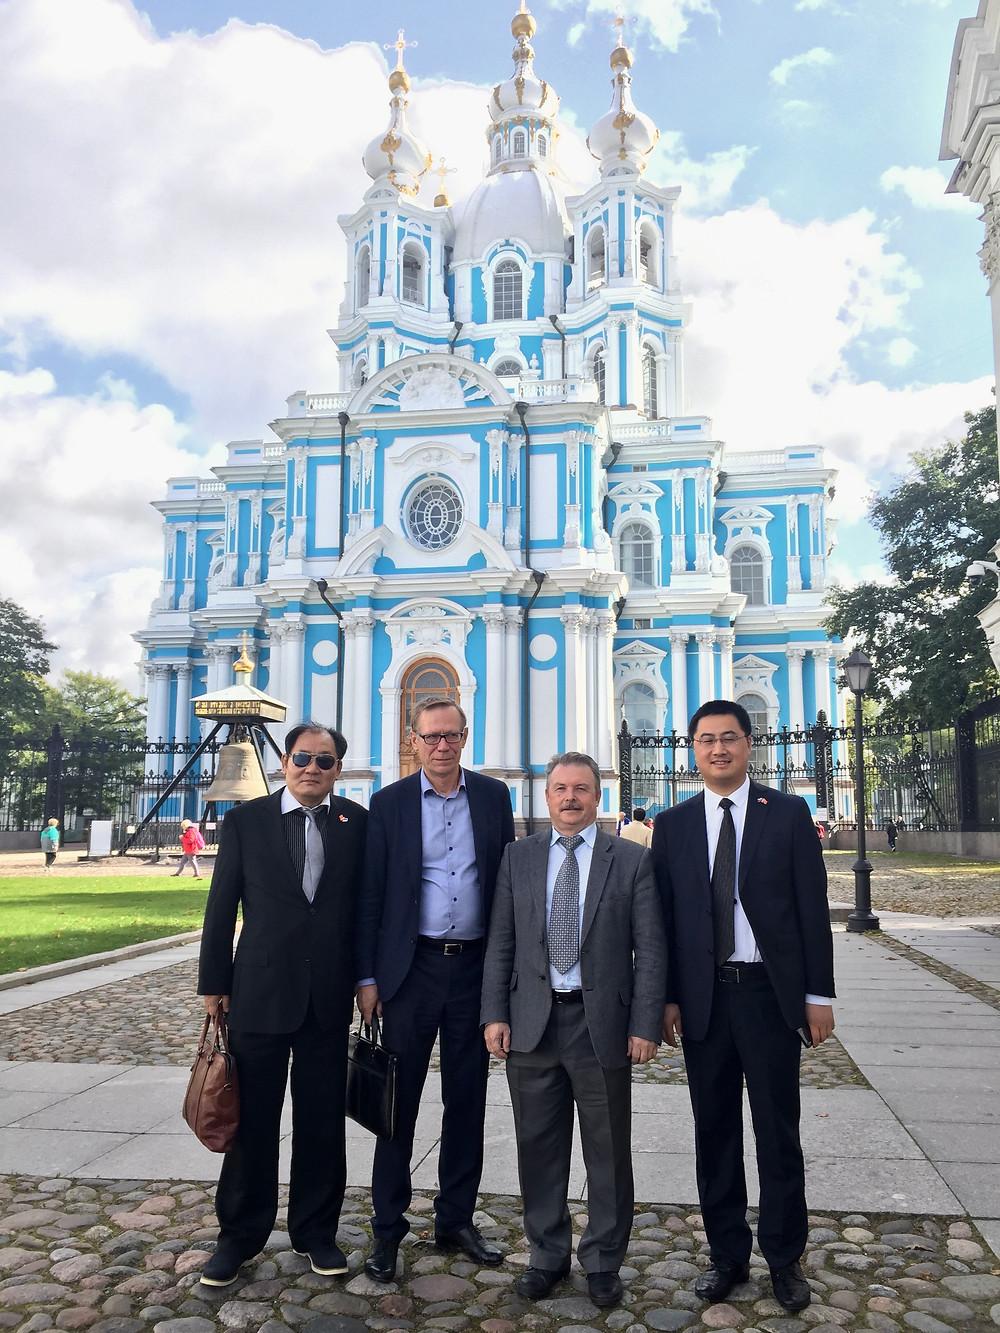 Глава корпорации Болдухай, Иванов А.В., Хижняк В.Д., заместитель главы района Ченянь